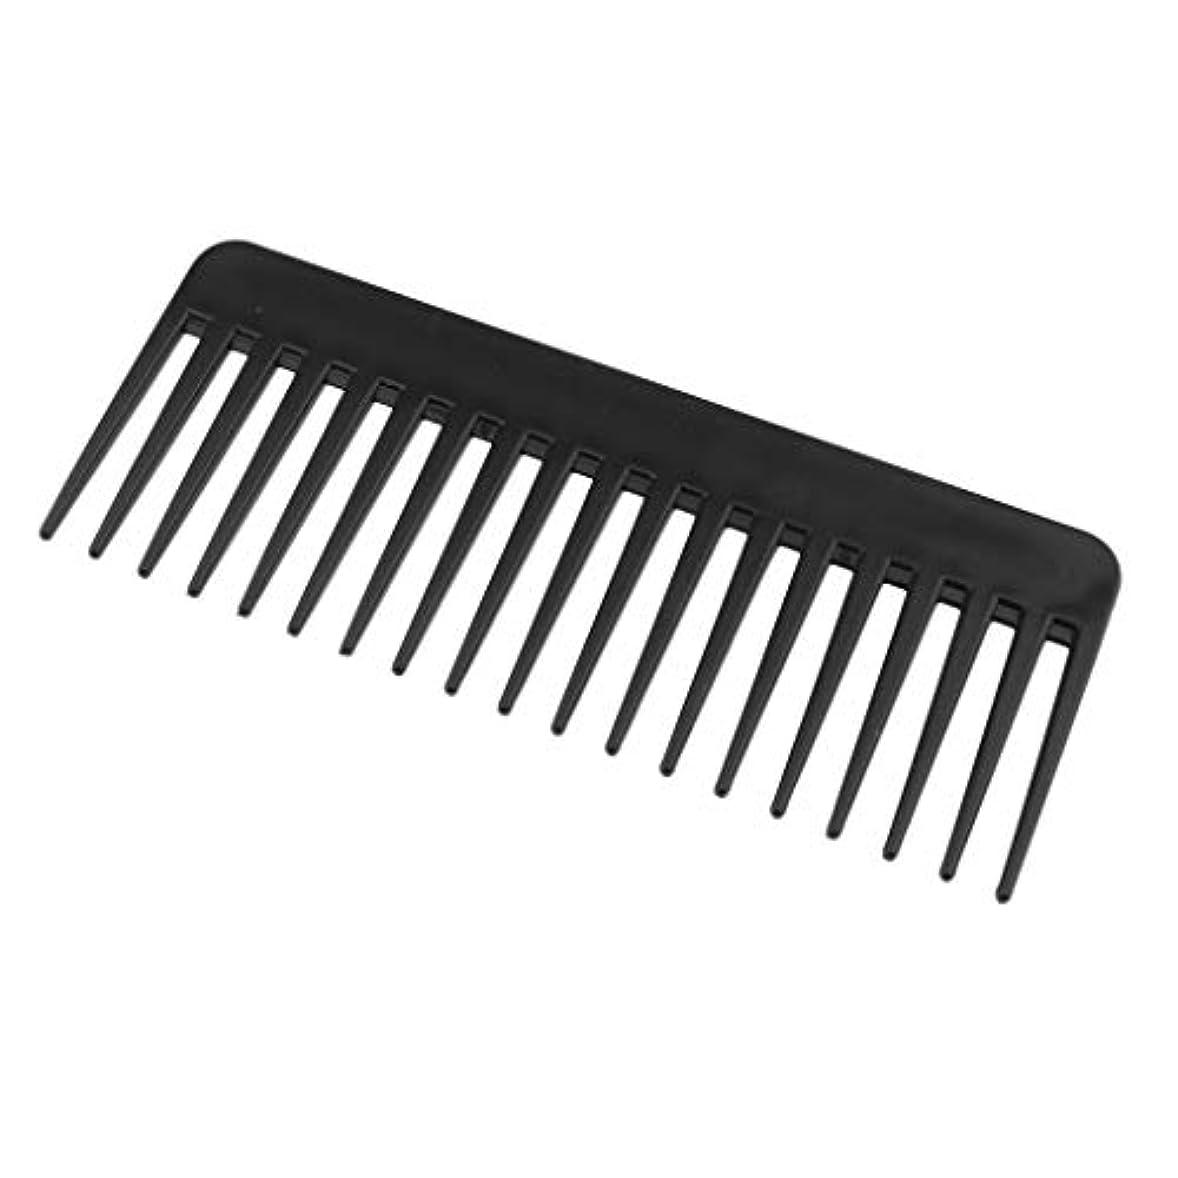 平日アウトドア長いですF Fityle 帯電防止くし プラスチック製 ヘアブラシ 丈夫 3色選べ - ブラック